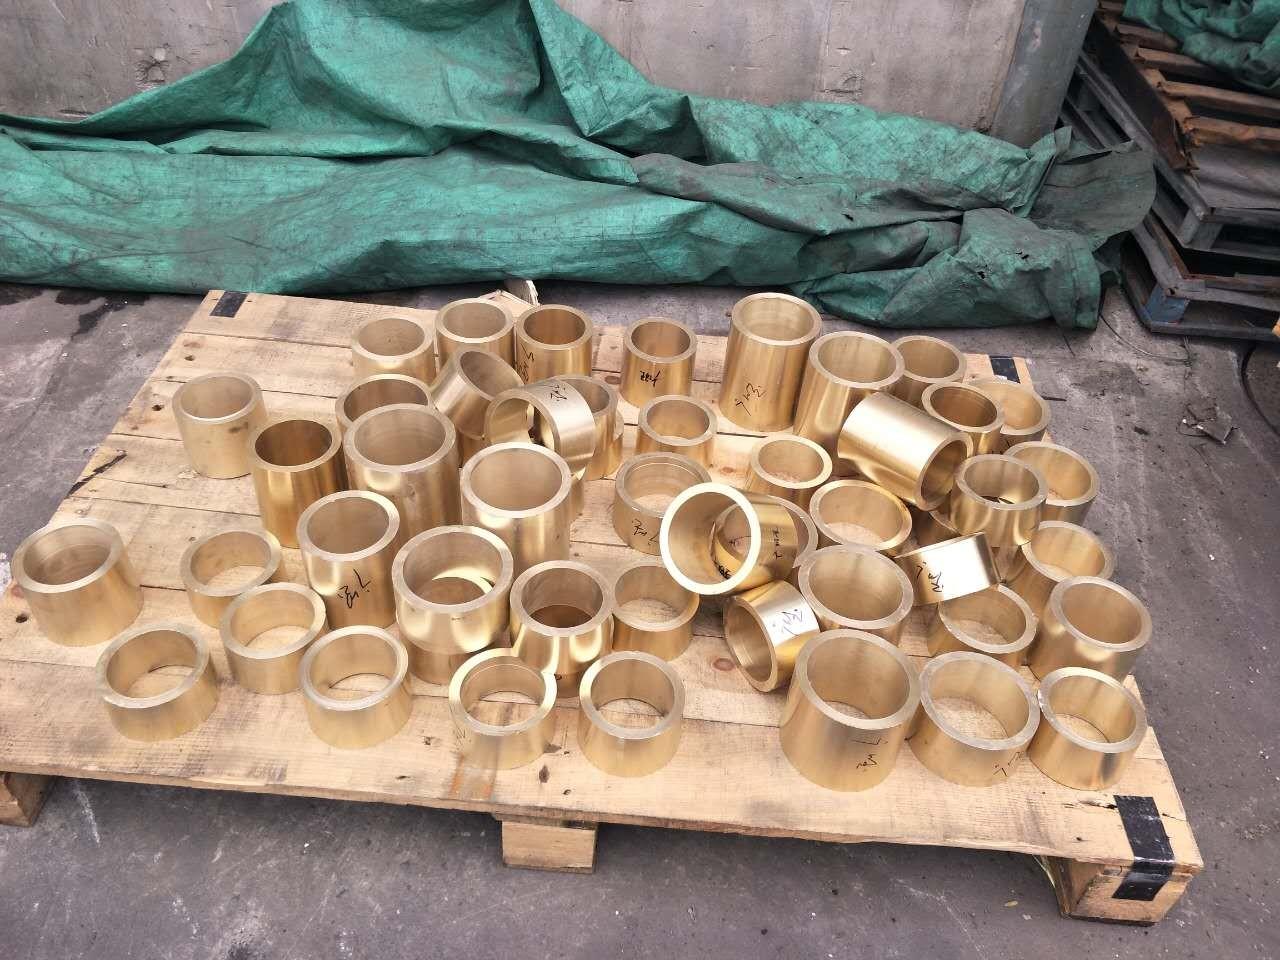 迭部县QBe1.9铍铜棒%铍青铜板产品-知识-新闻-合格证